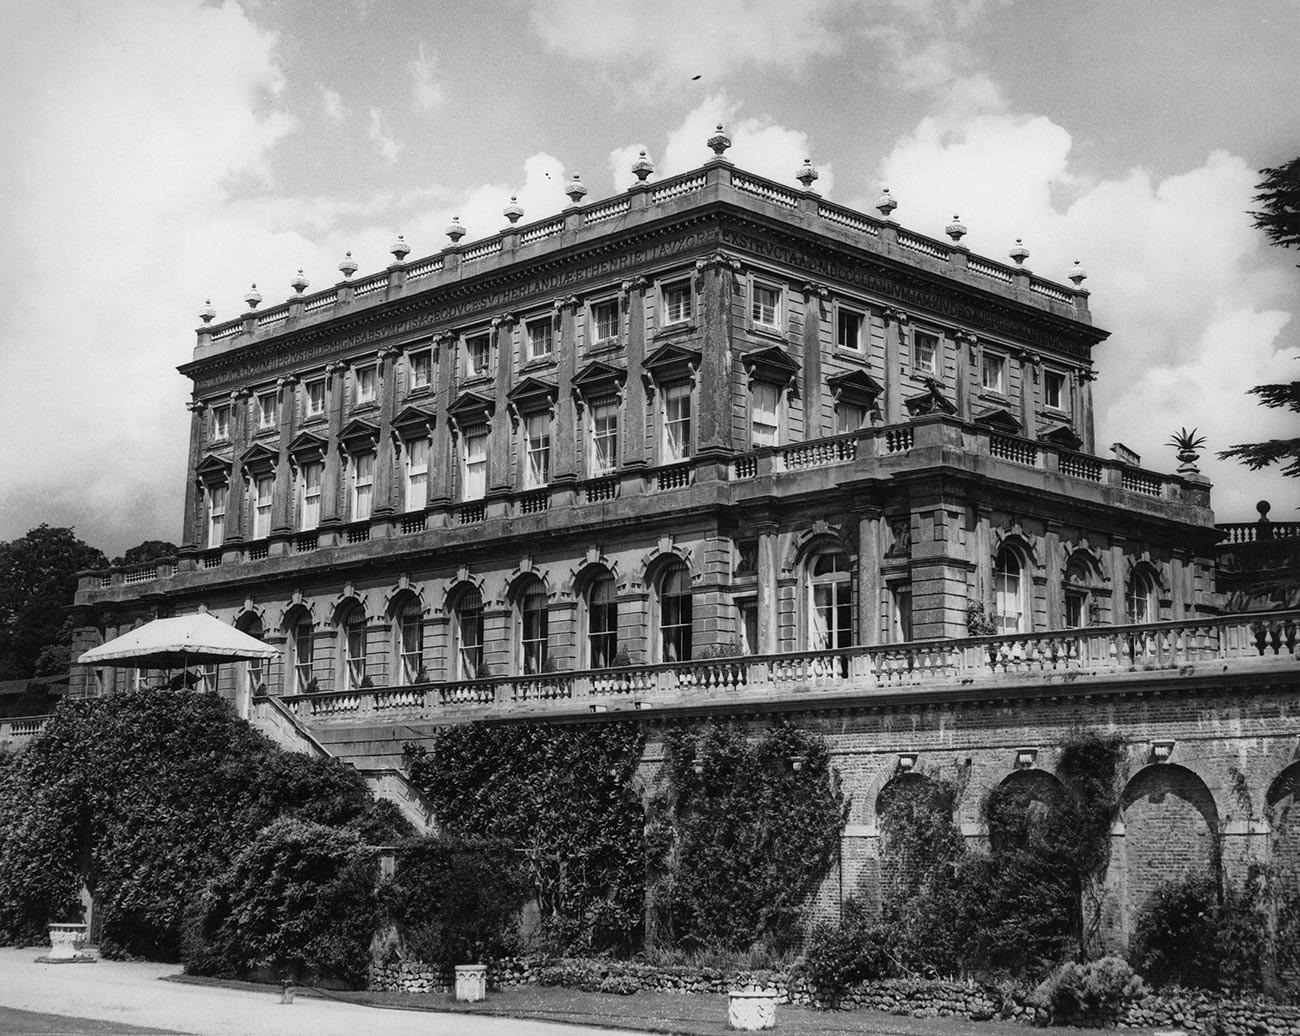 Cliveden, Lord Astors Herrenhaus in Buckinghamshire, 28. Juni 1963